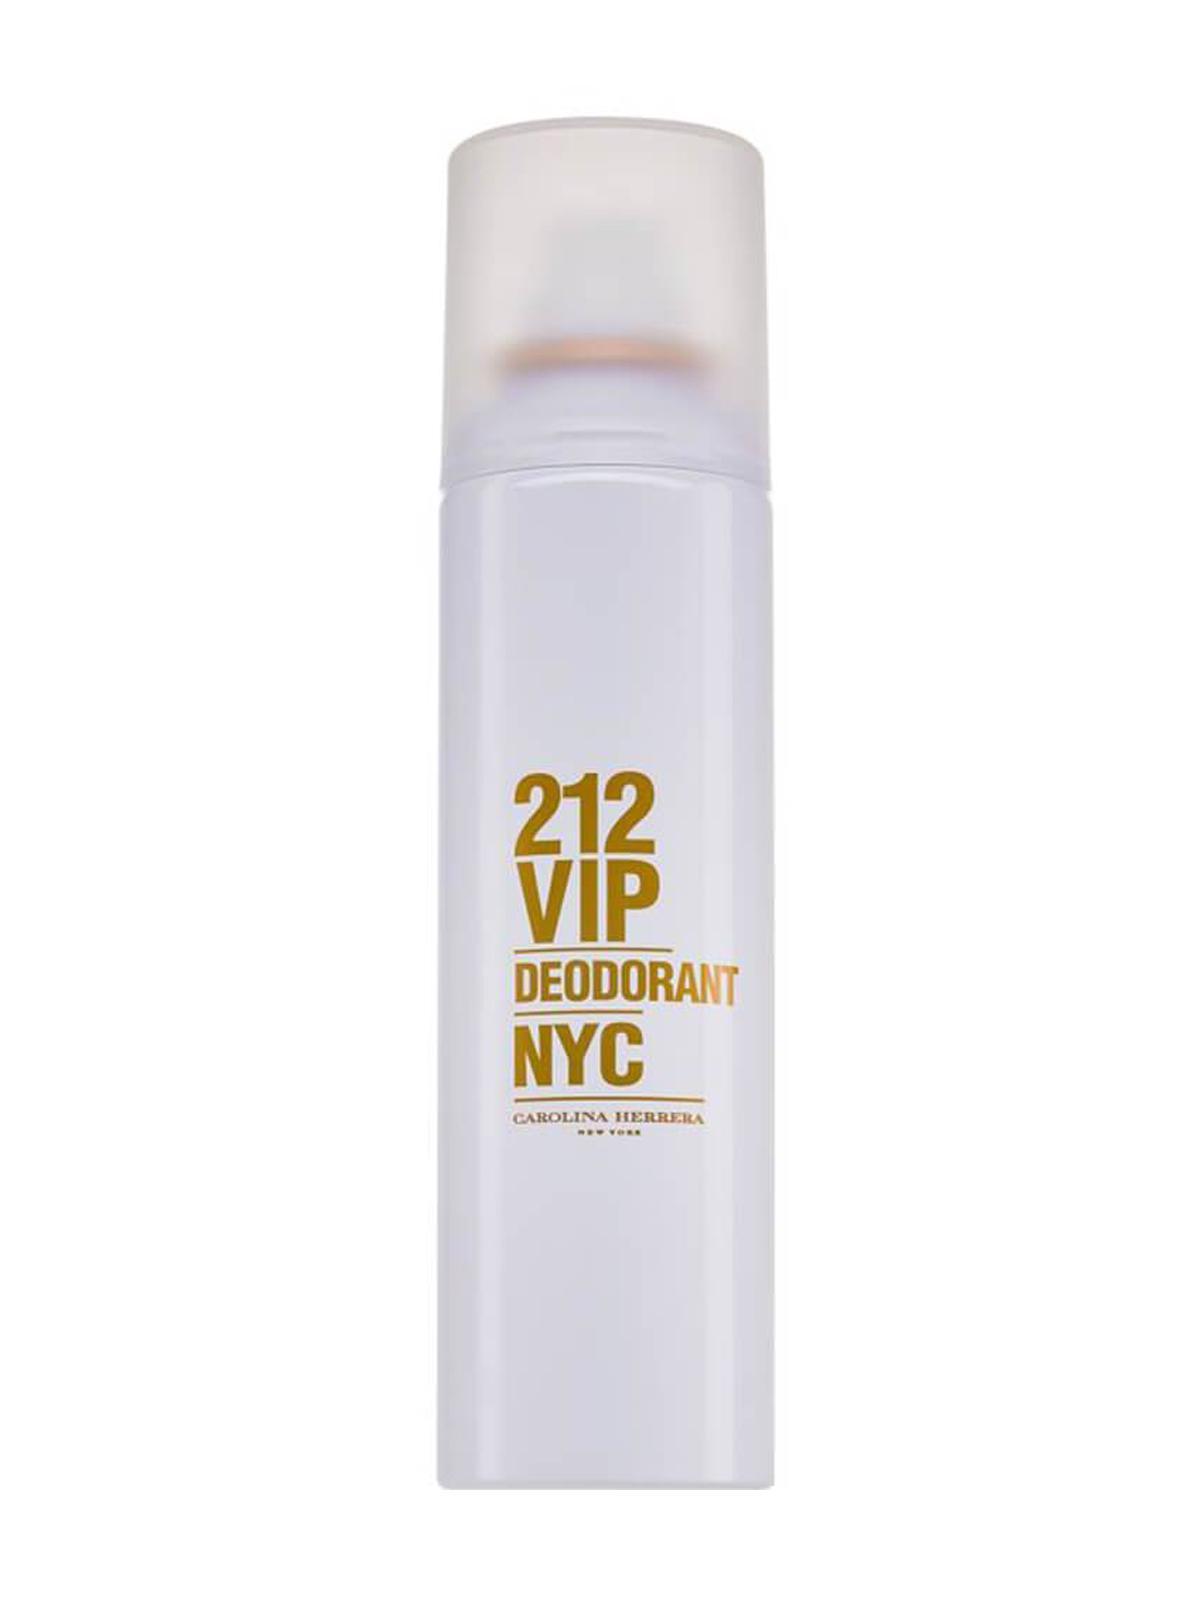 Carolina Herrera 212 Vip For Women Deo Spray 150ML